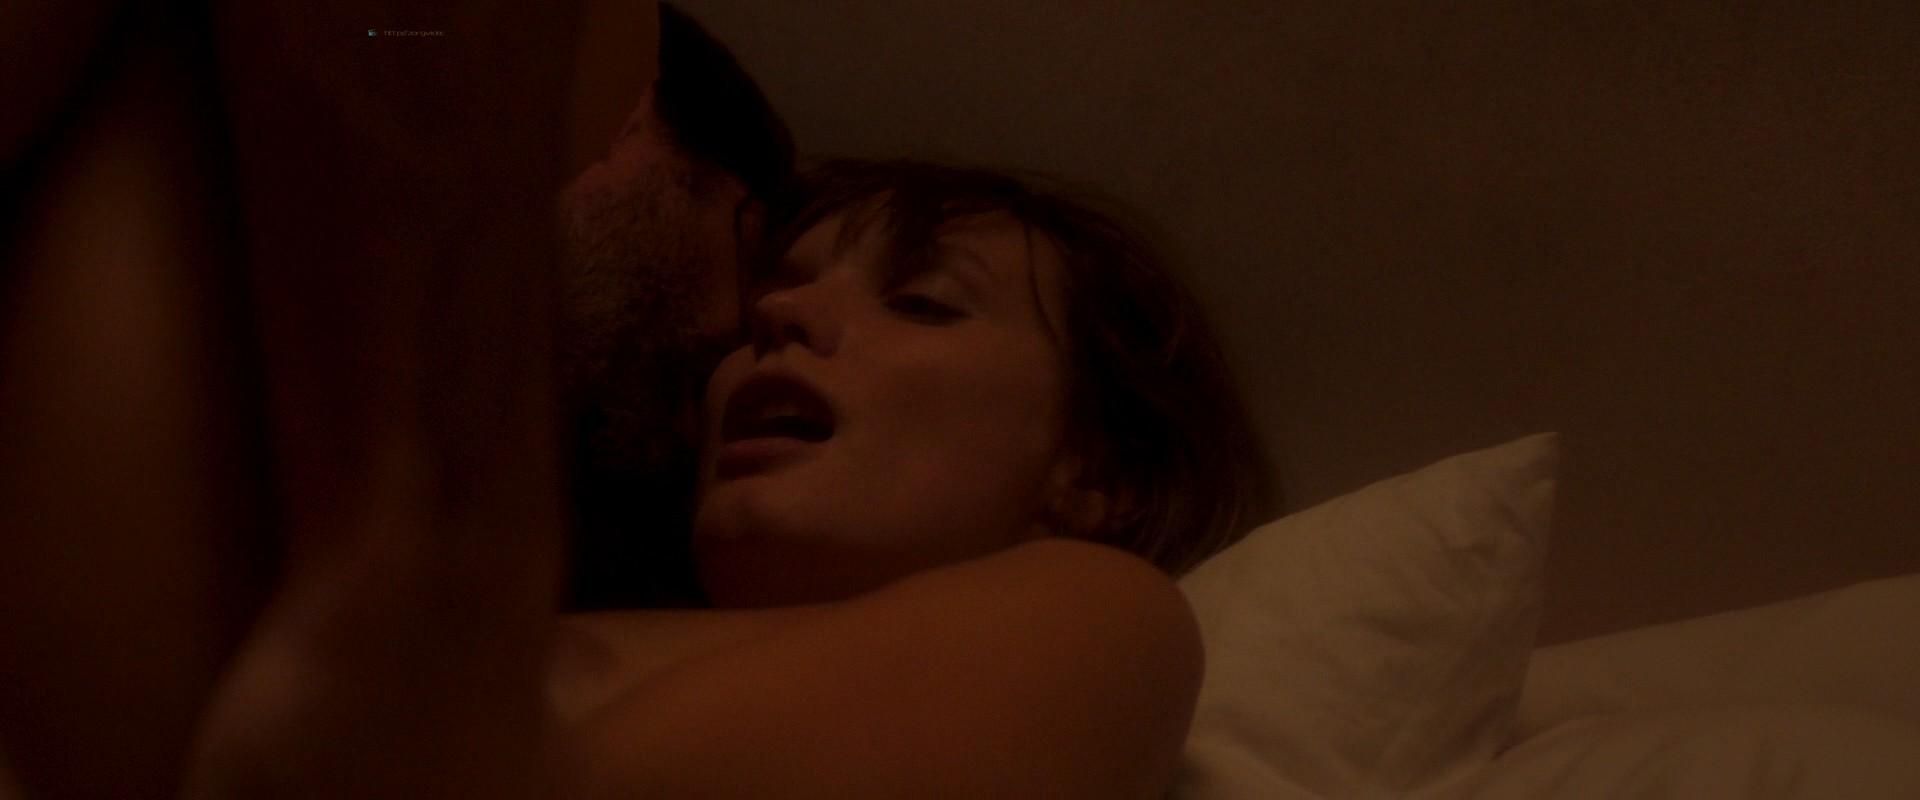 Ana Girardot nude and hot sex - Entangled (2019) 1080p Web (6)